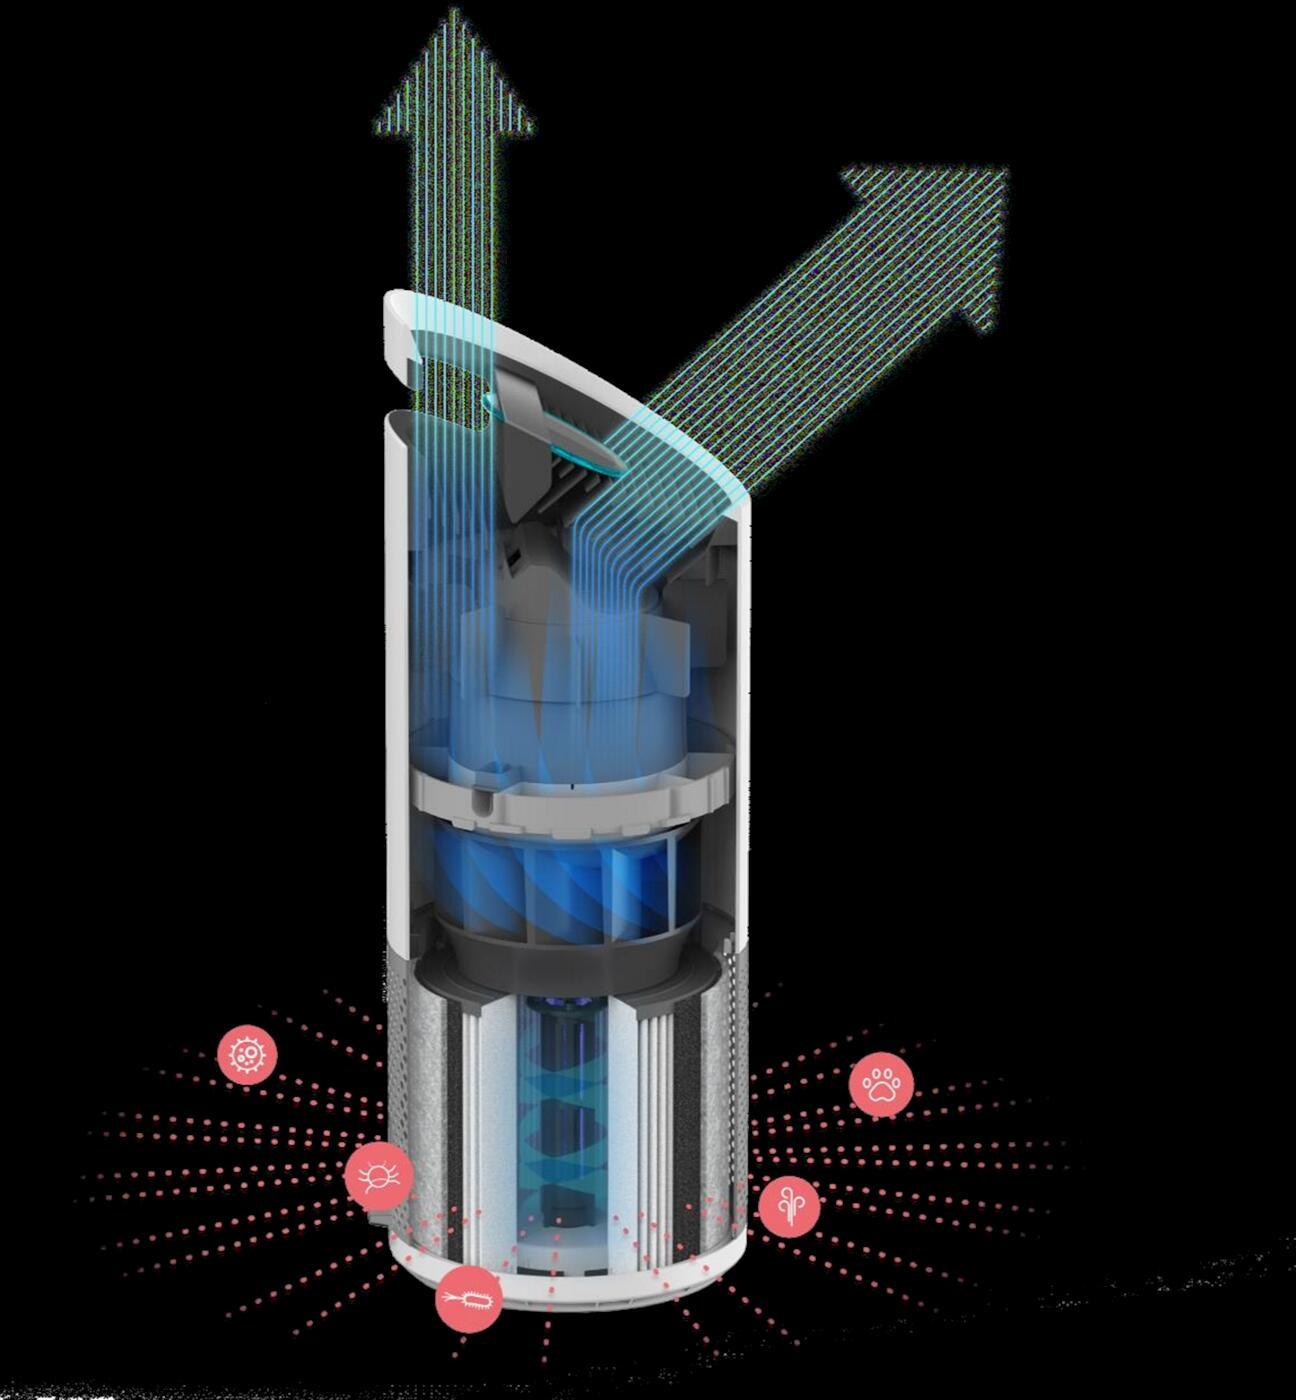 Máy lọc không khí TruSens Z3000